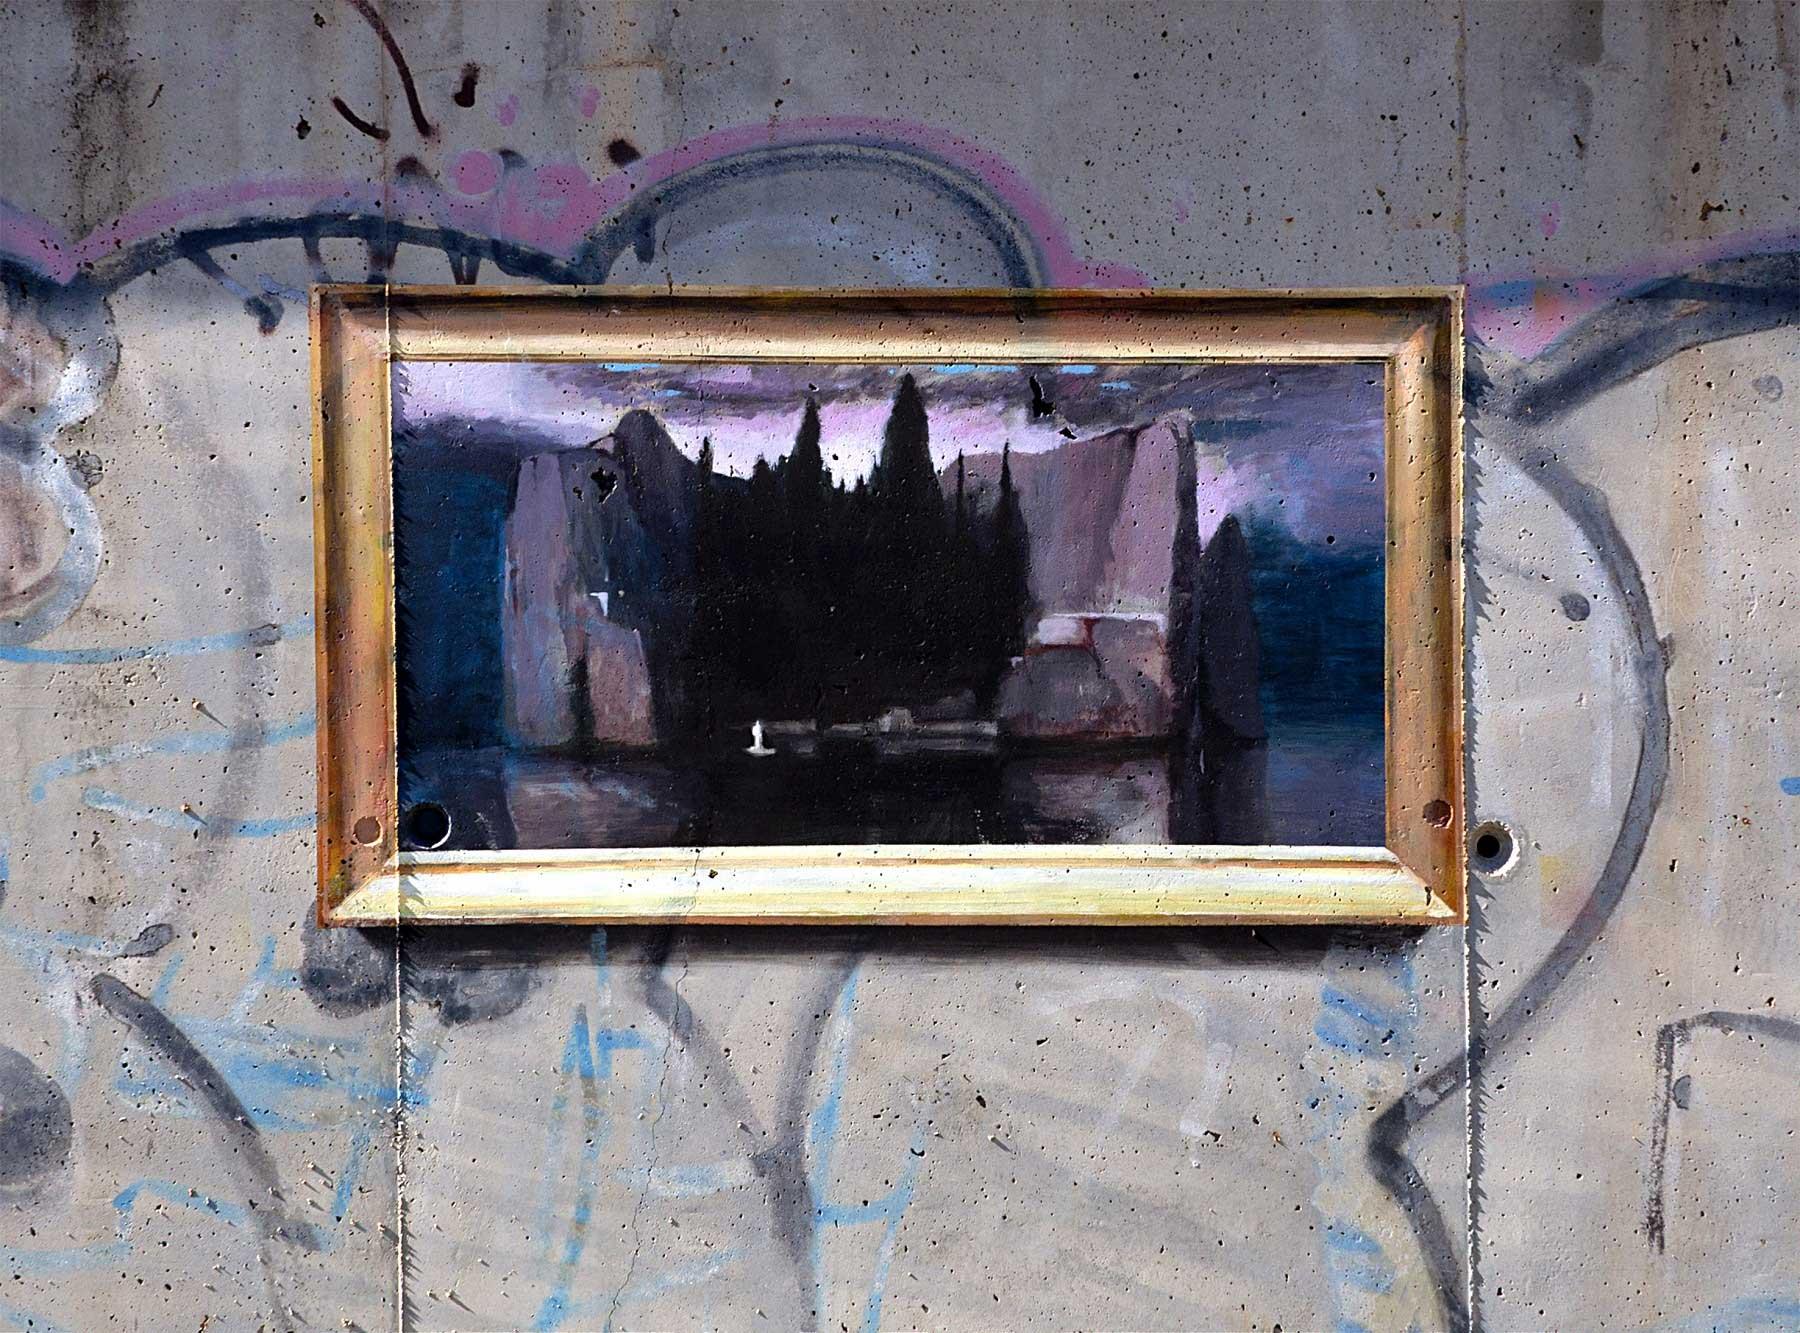 Realistische Abbilder klassischer Gemälde an öffentliche Wände gemalt Julio-Anaya-Cabanding_04